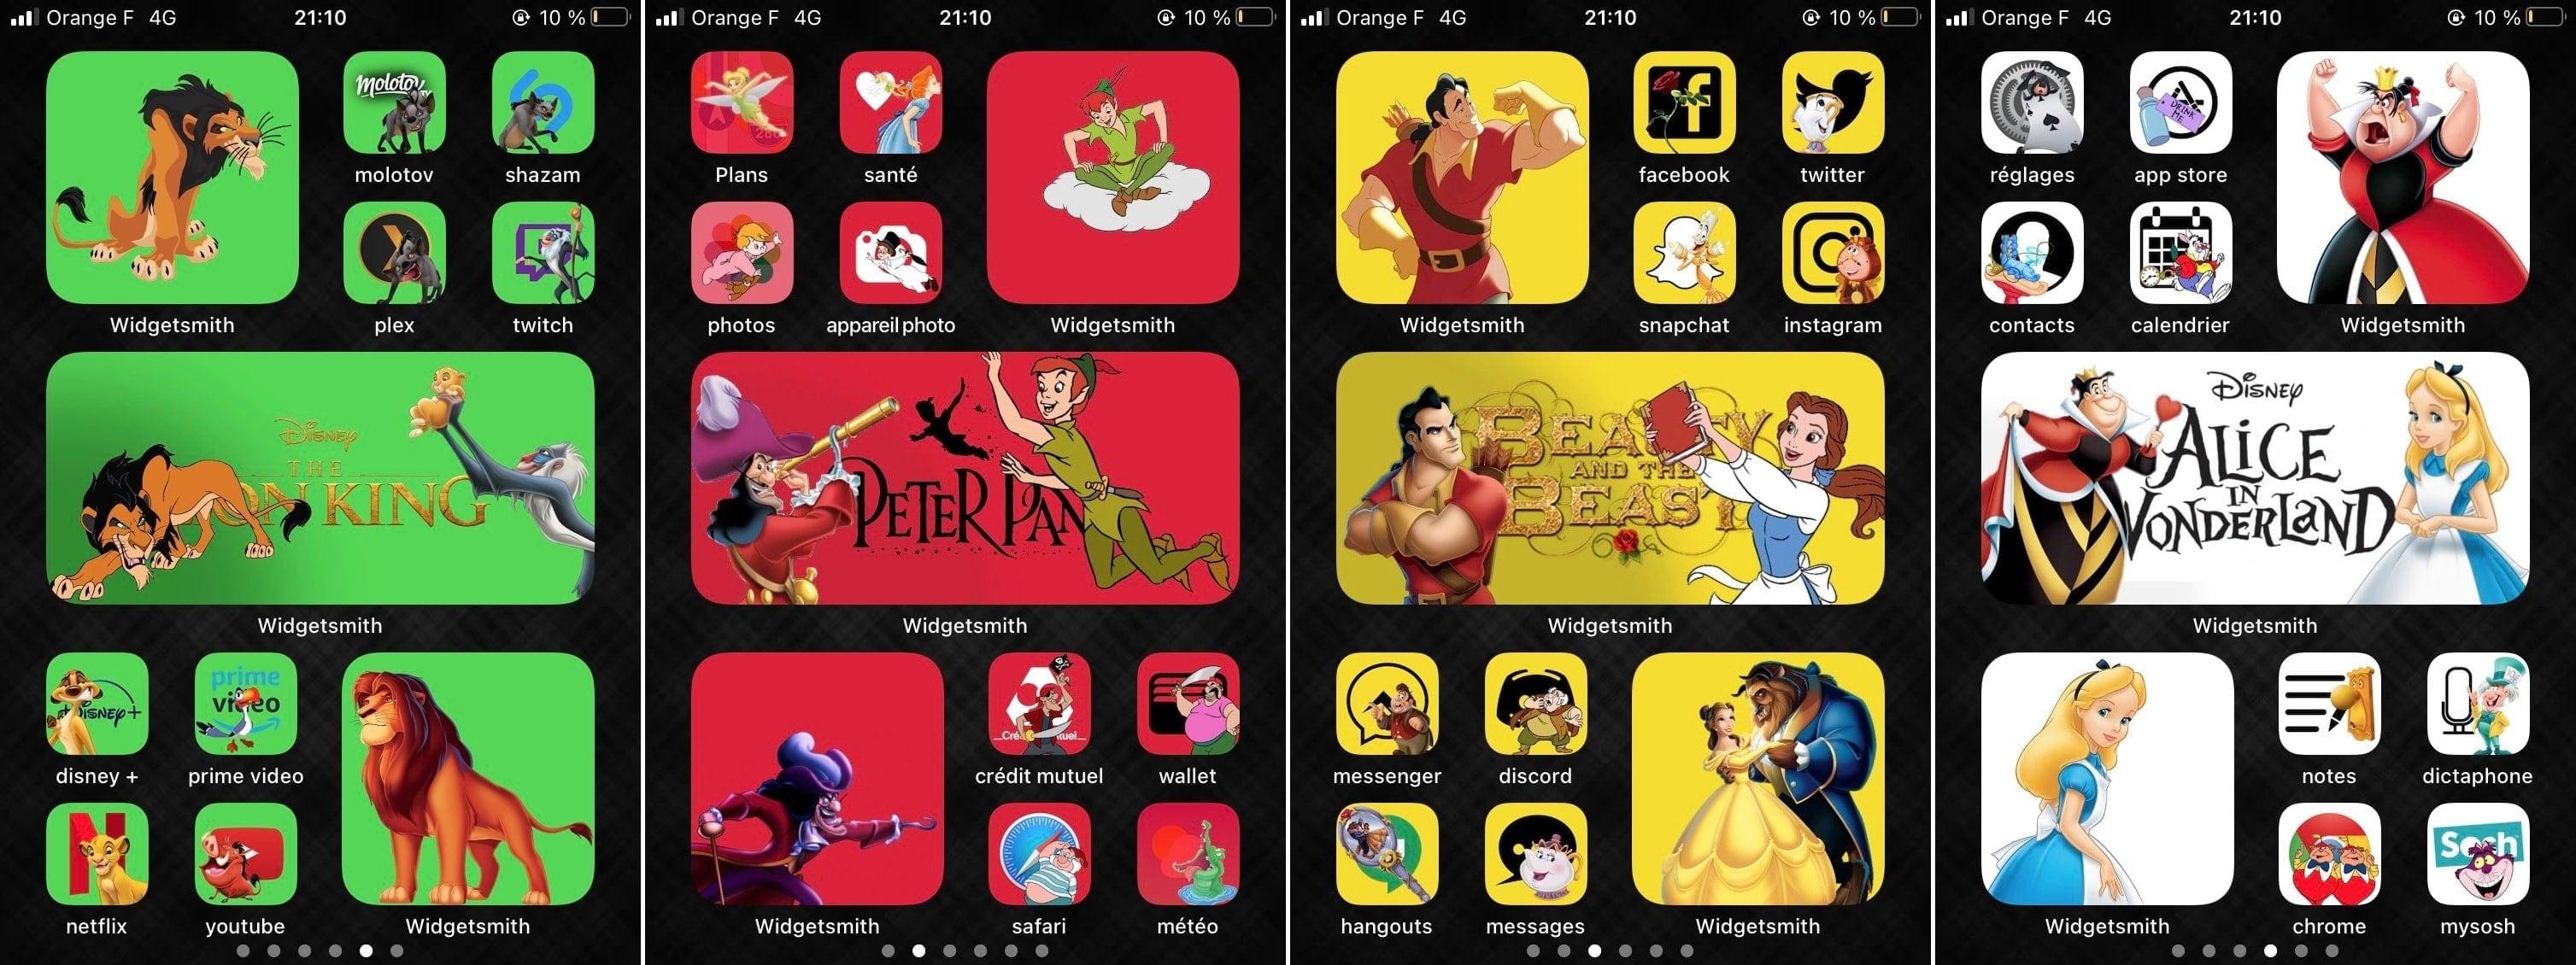 JulianWaha iOS 14 Home Screen